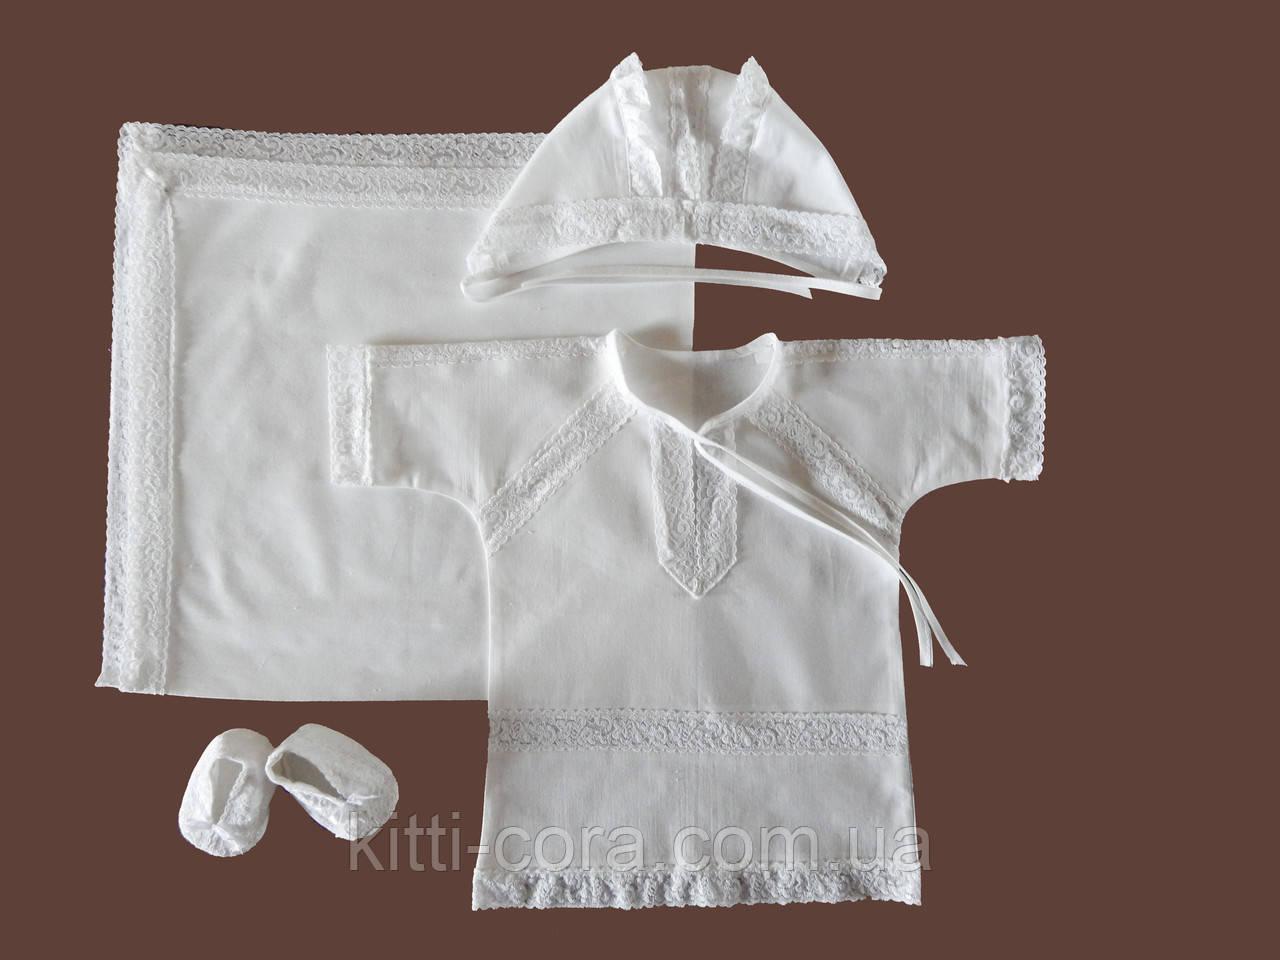 Крестильная одежда с крыжмой. Модель Beauty - Kitti Cora - интернет магазин для мам и малышей в Львове